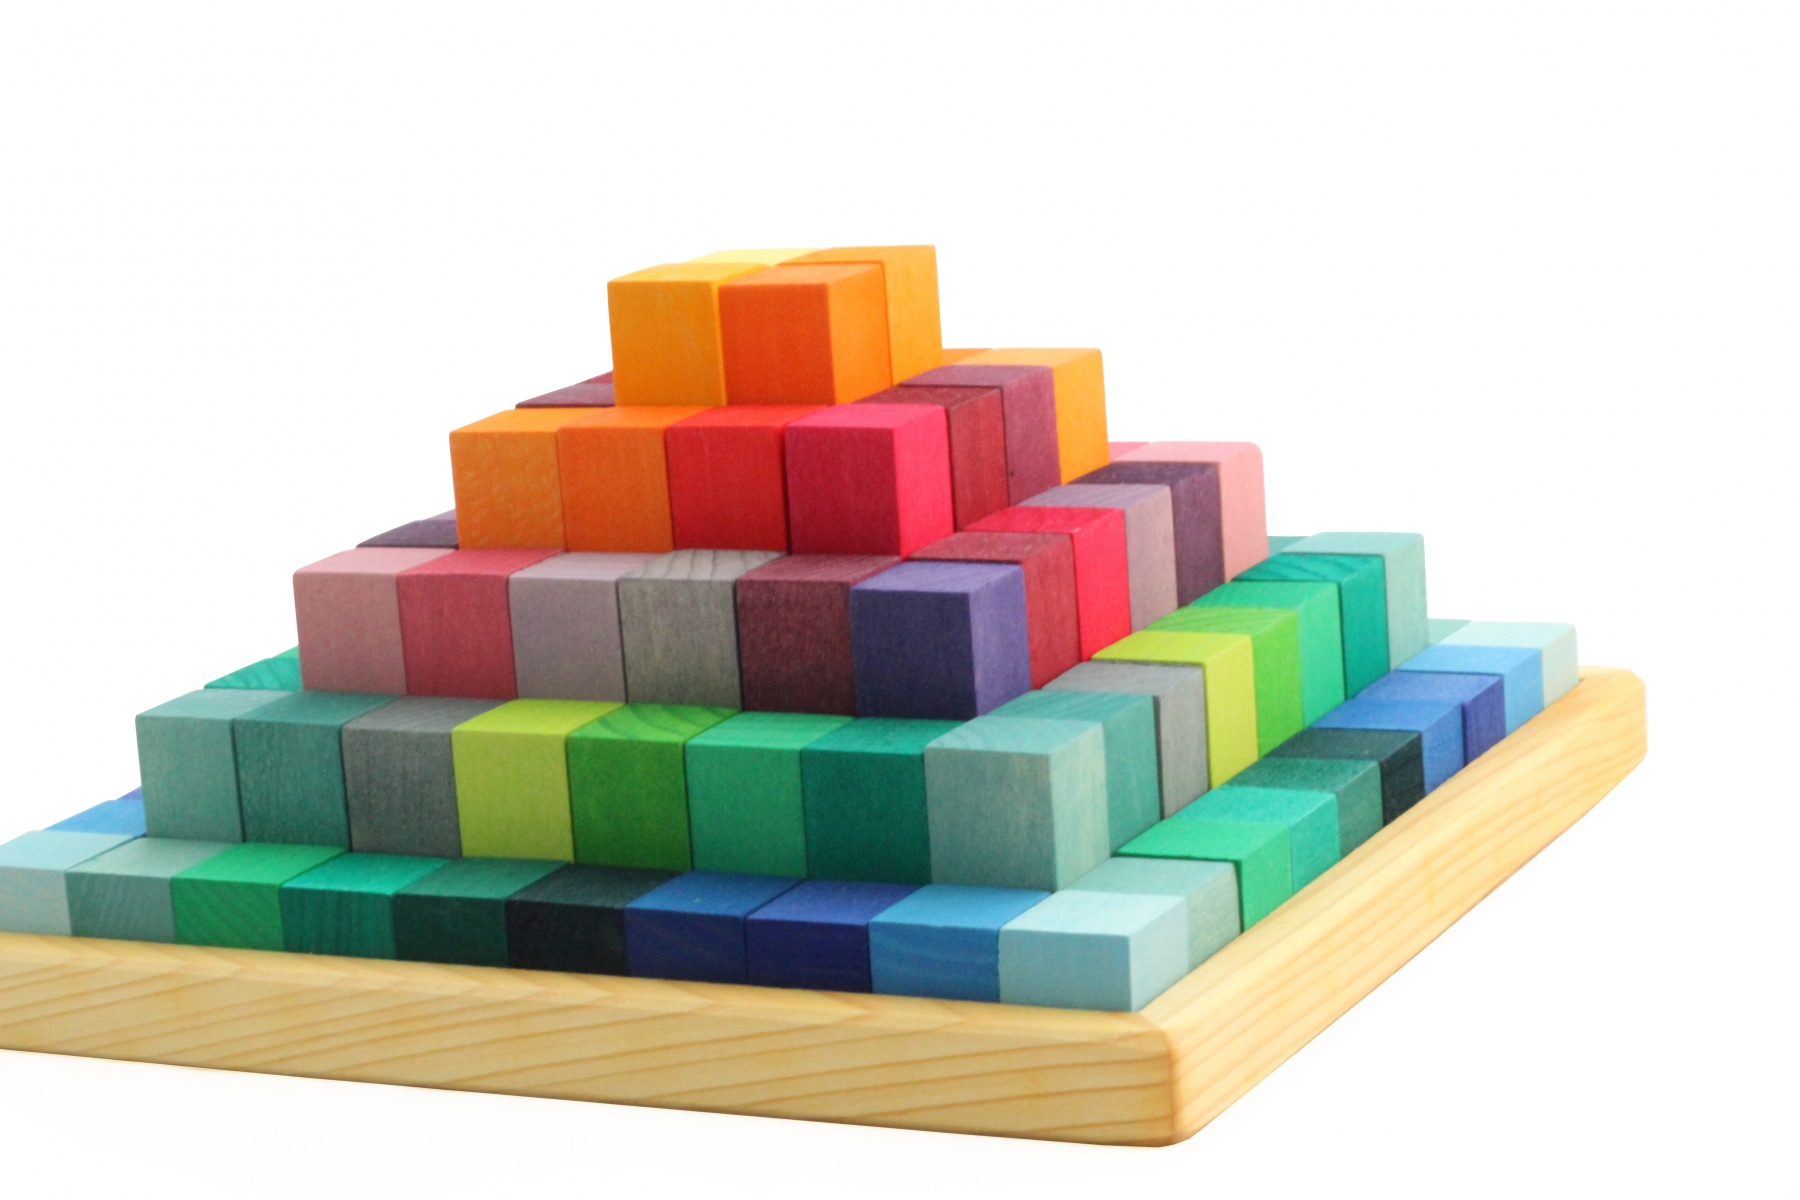 Jeu de construction en bois pyramide de grimm 39 s for Bois de construction